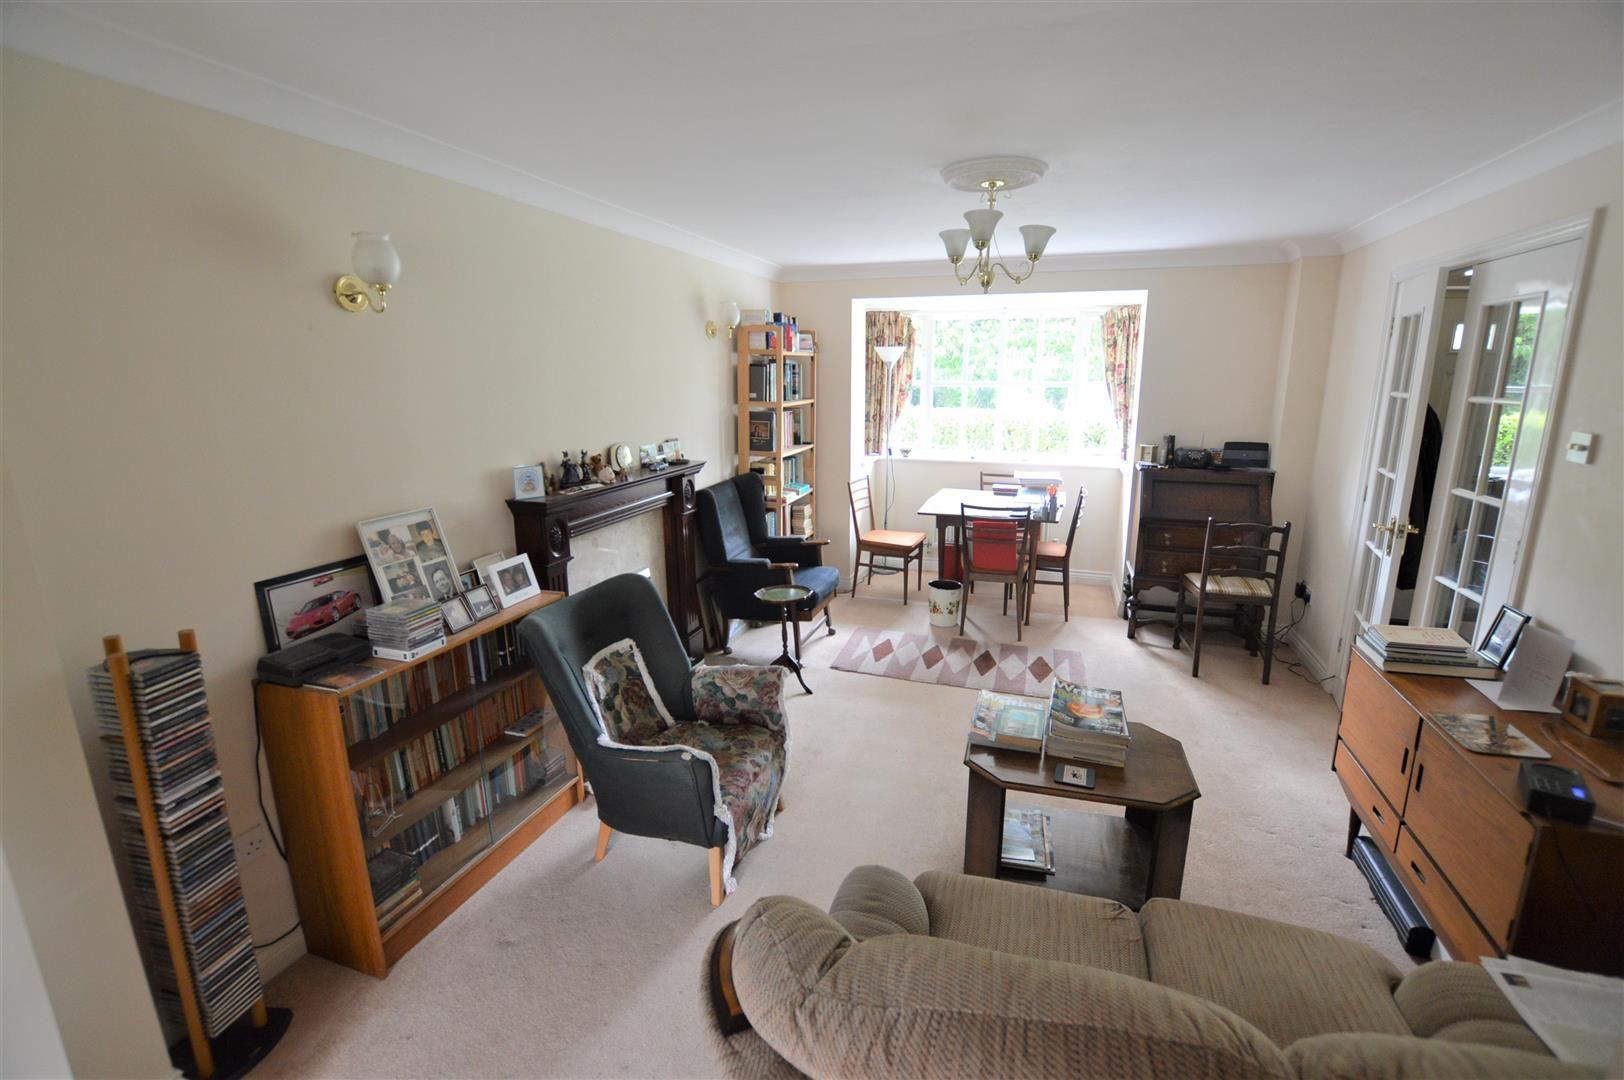 3 bed terraced for sale in Eardisley 3